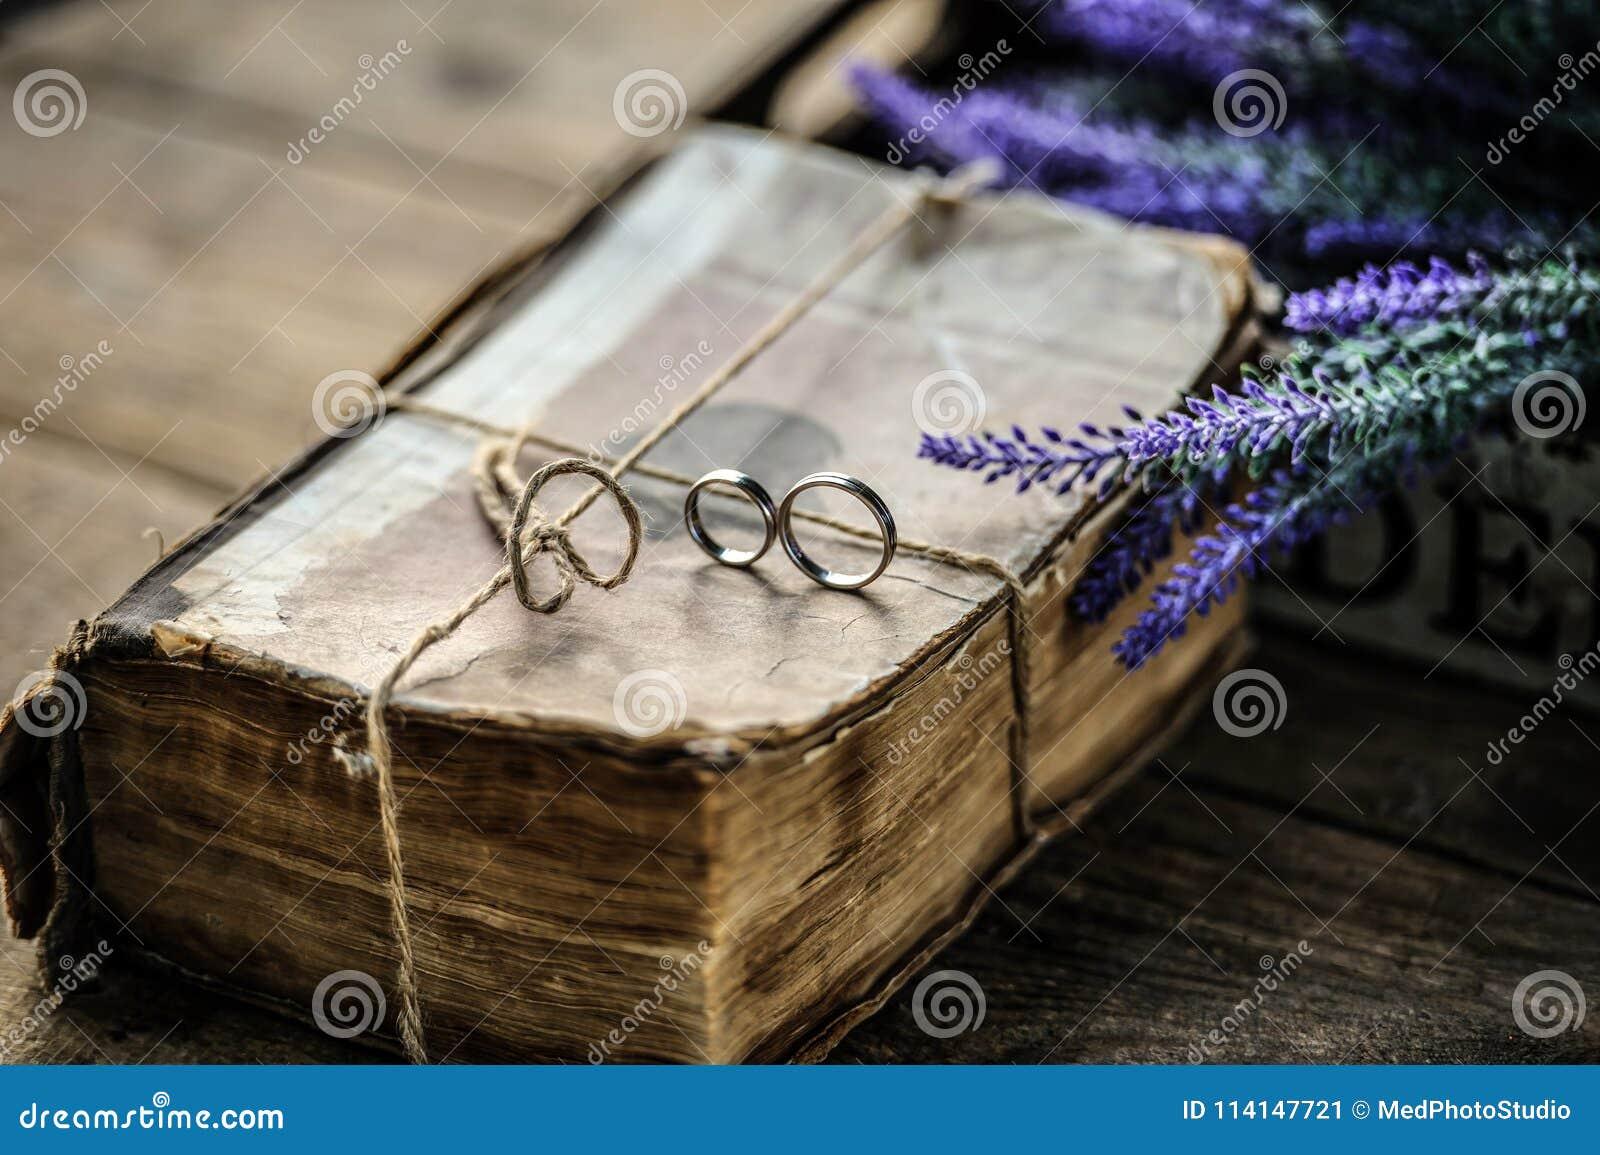 Ein Paar Eheringe auf einer alten antiken Weinlese buchen